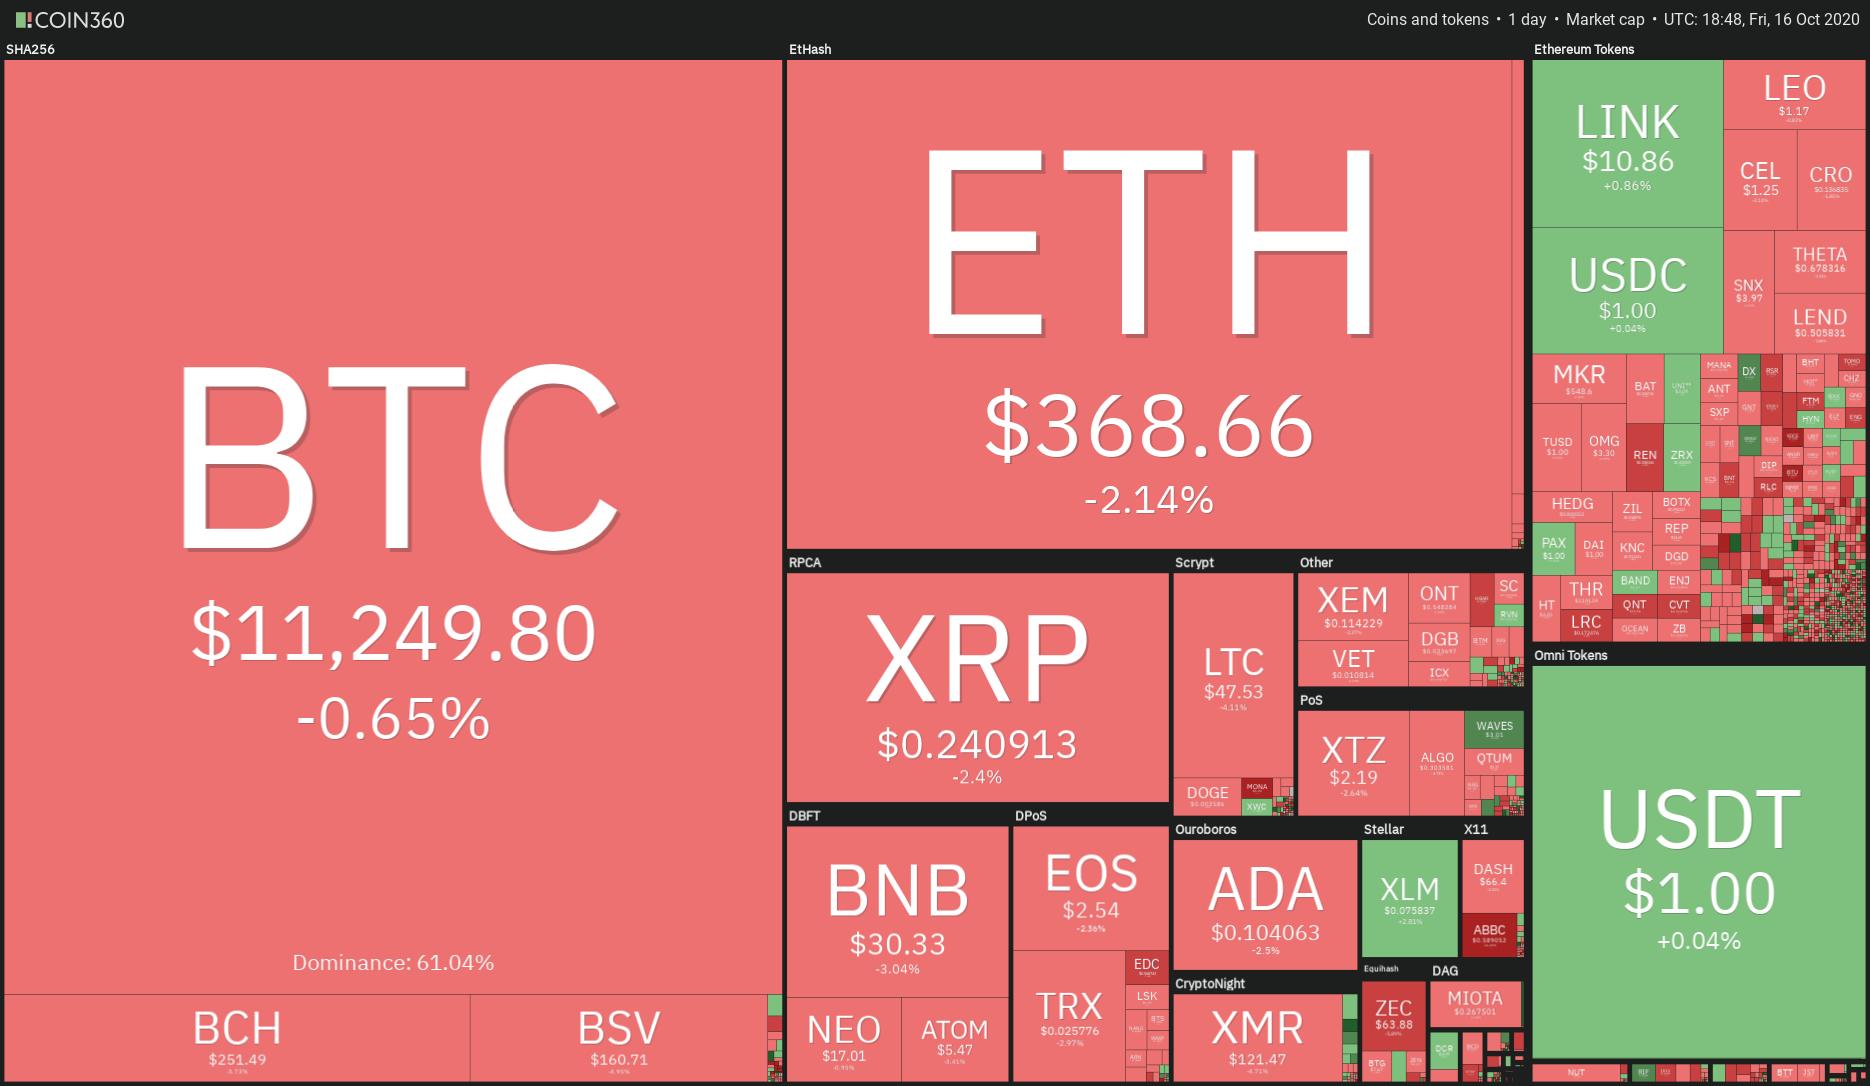 《【山寨币价格分析】BTC,ETH,XRP,BCH,BNB,LINK,DOT,ADA,LTC,BSV》